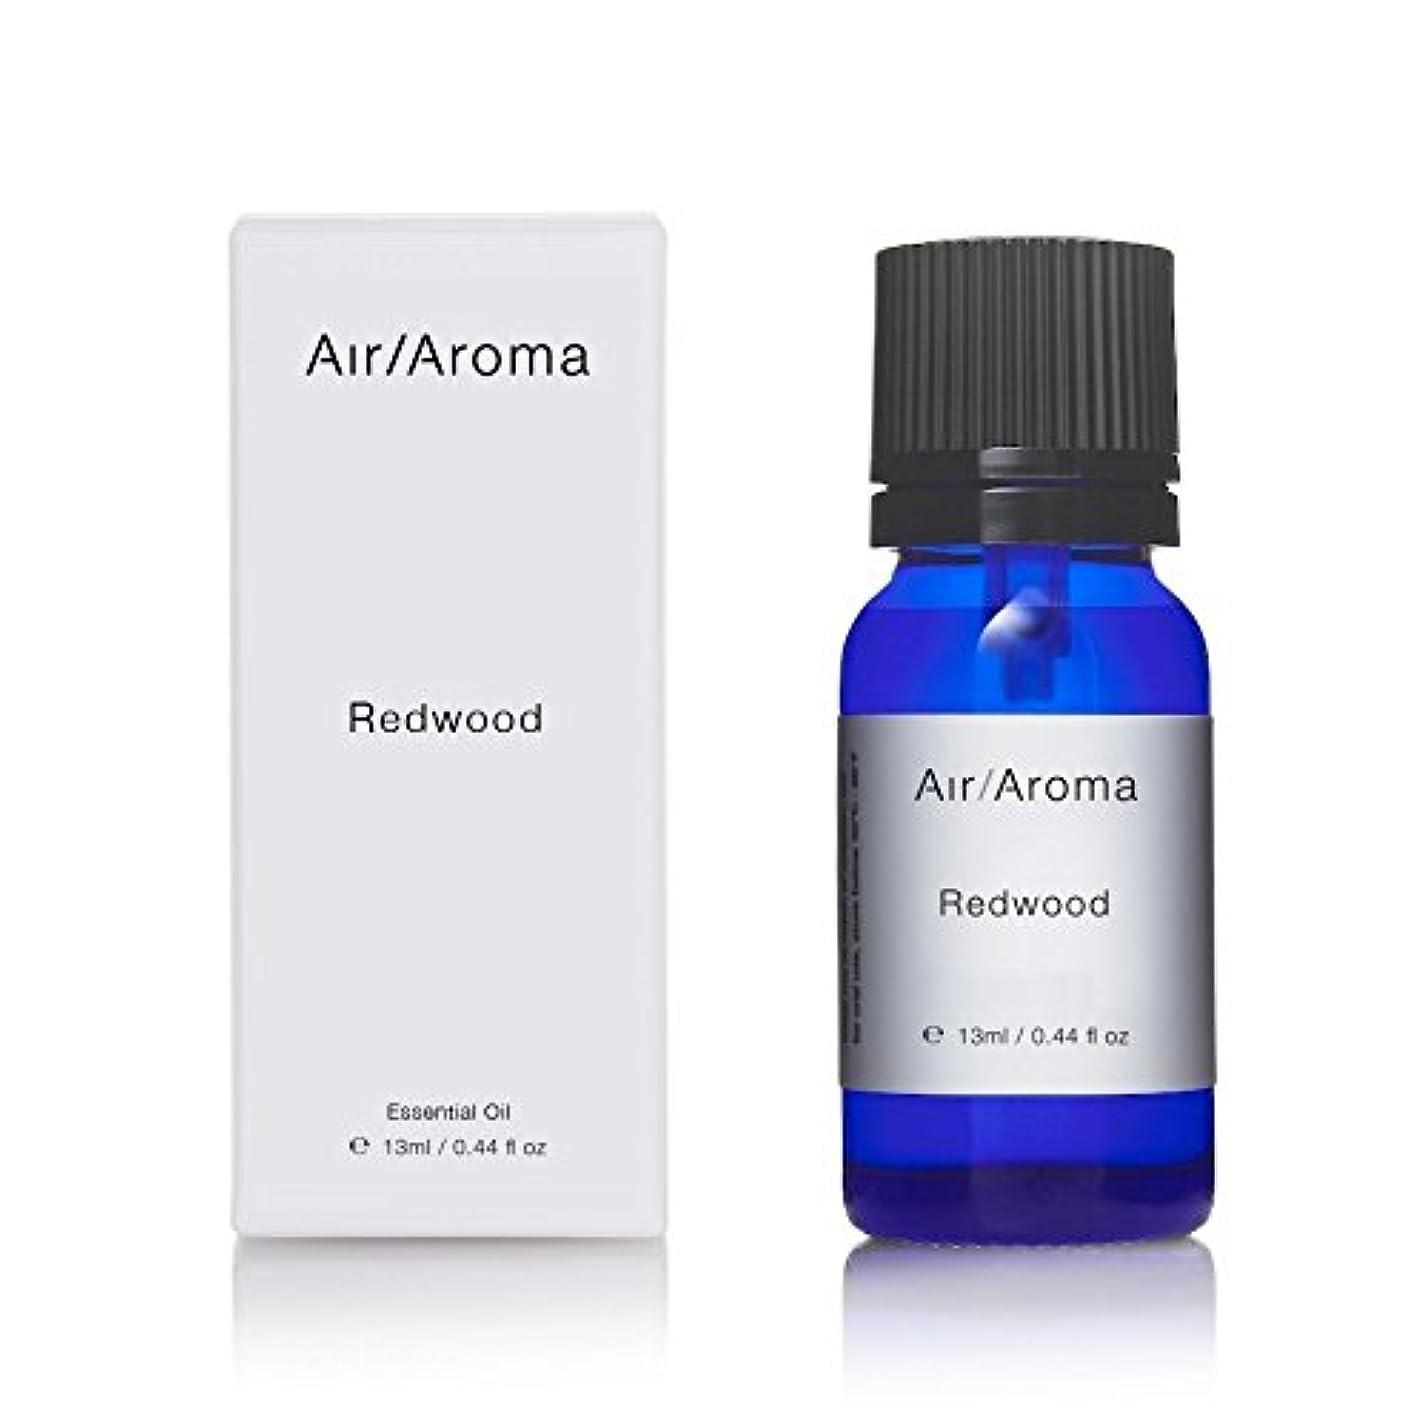 してはいけません神社気がついてエアアロマ redwood (レッドウッド) 13ml